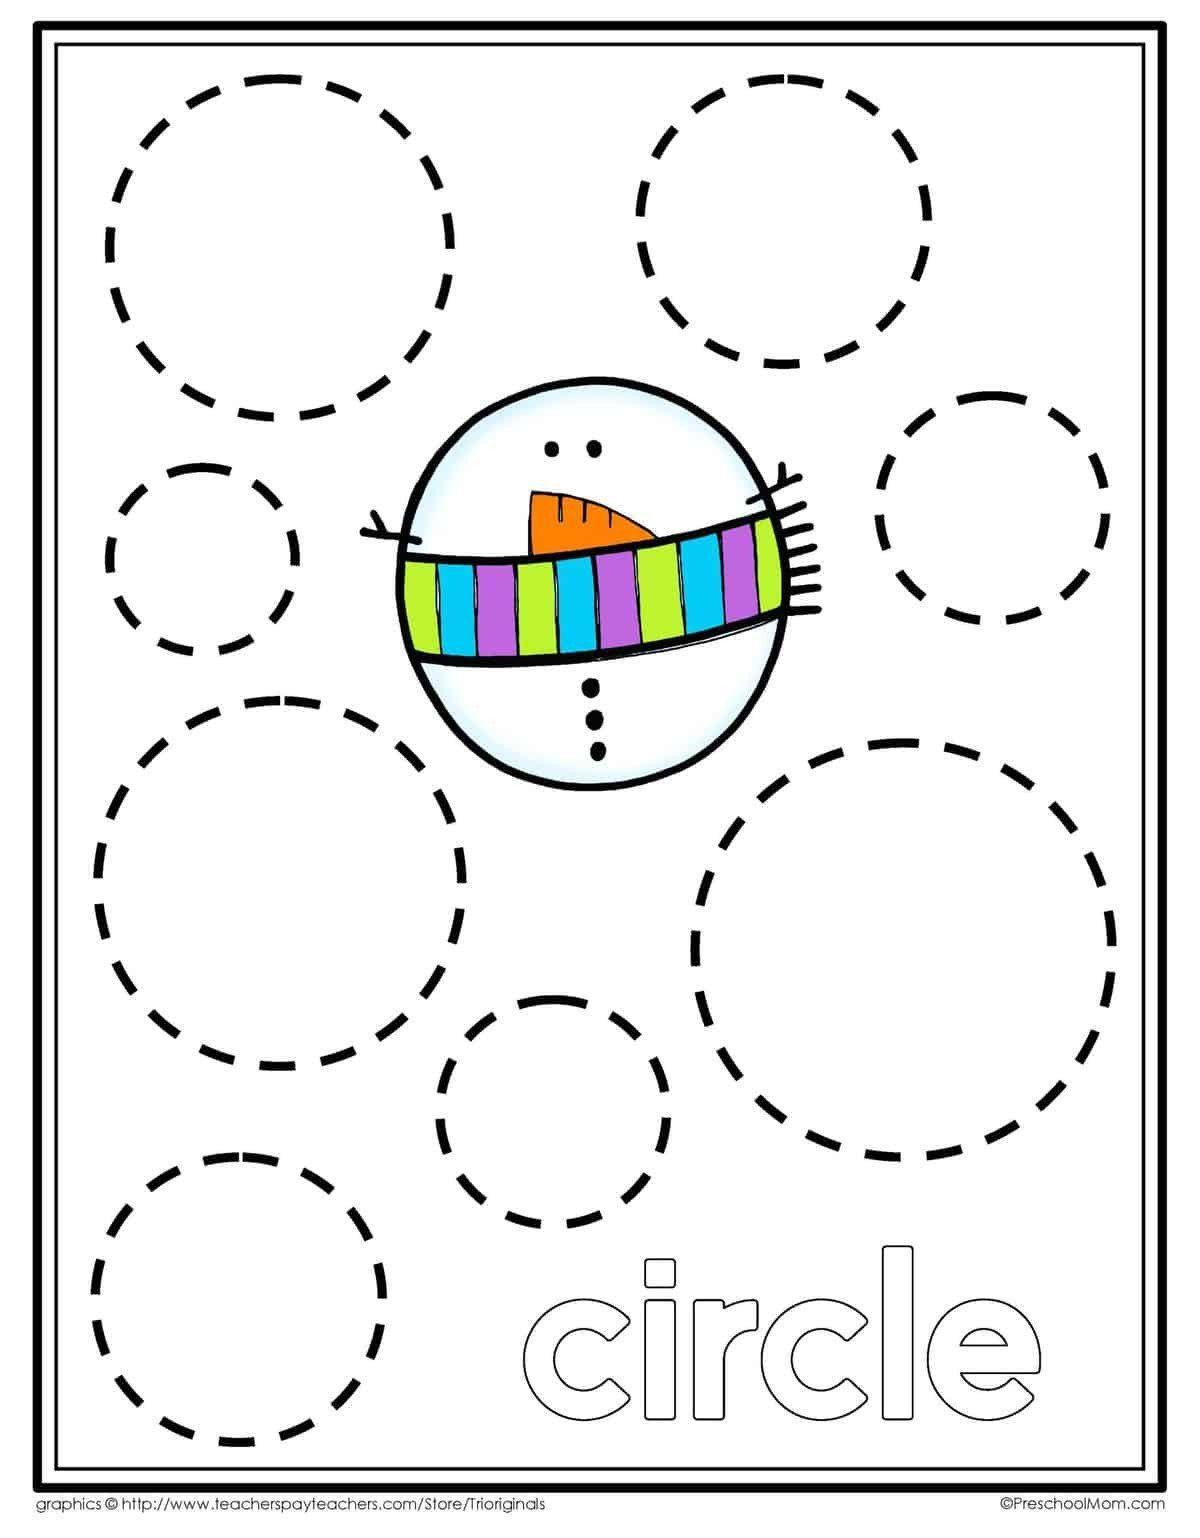 Sorting Shapes Worksheets For Kindergarten Kindergarten Worksheets Sorting Shapes Shapes Worksheet Kindergarten Shapes Worksheets Free Kindergarten Worksheets Kindergarten shapes worksheets pdf